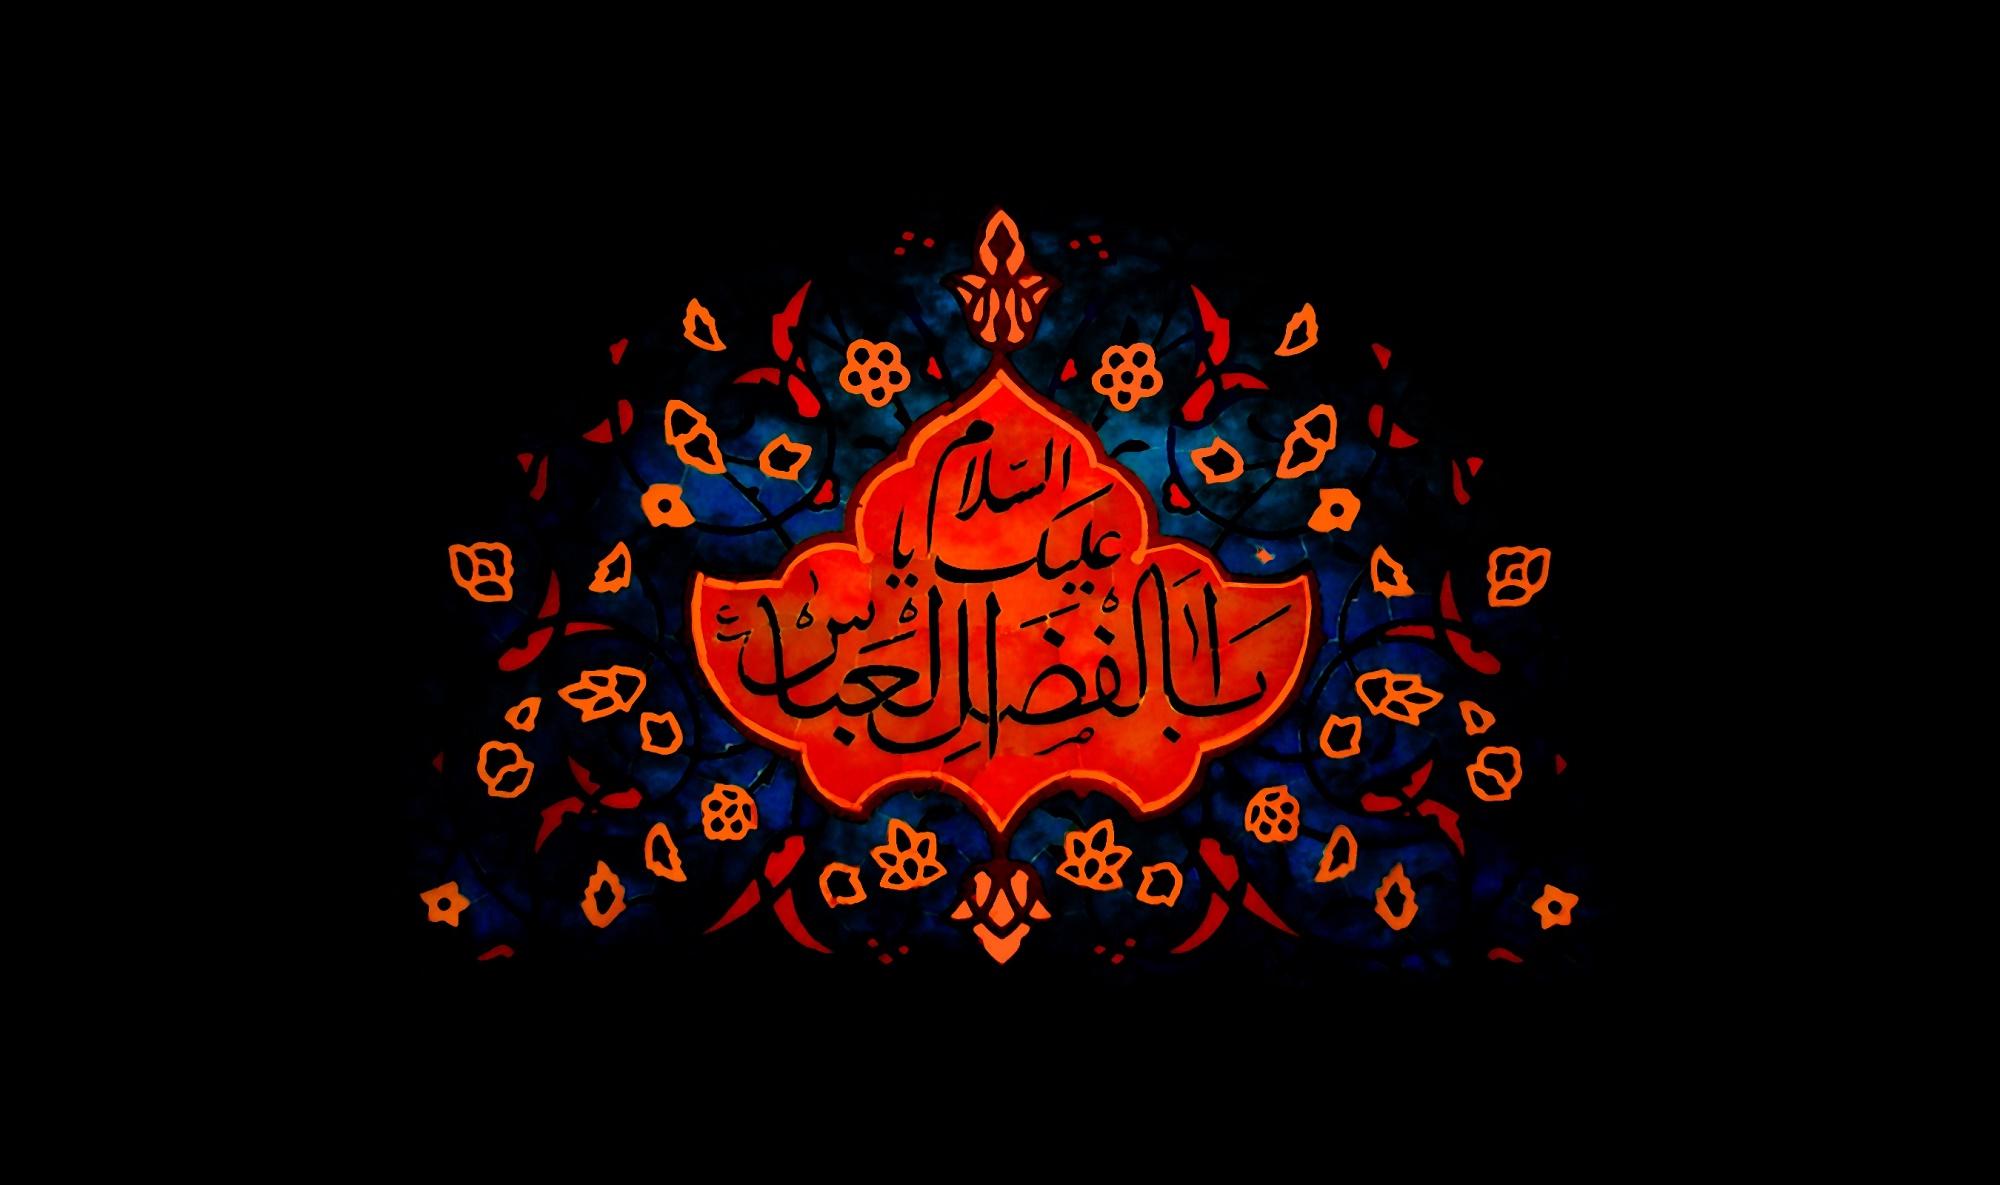 نام علمدار سپه آید به گوشم انگار من عمری به او حلقه به گوشم جانم بلرزد هر می گوید «ابوالفضل» سرّی ست خود بنهاده در اعماق گوشم ایام سوگواری تسلیت باد